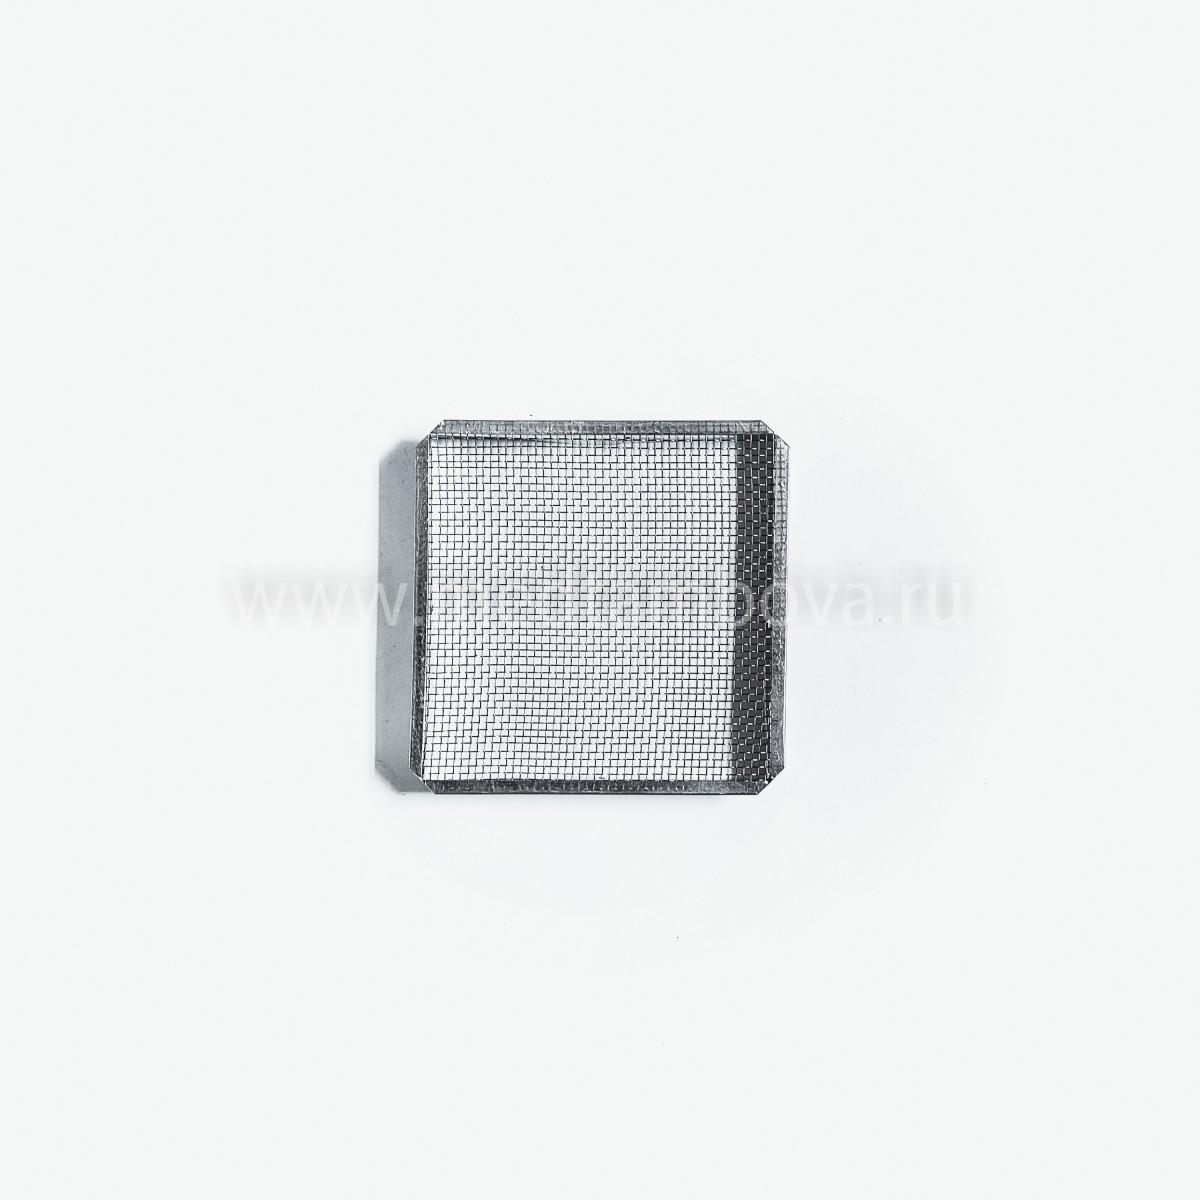 Колпачок для матки квадратный металлический 120 мм